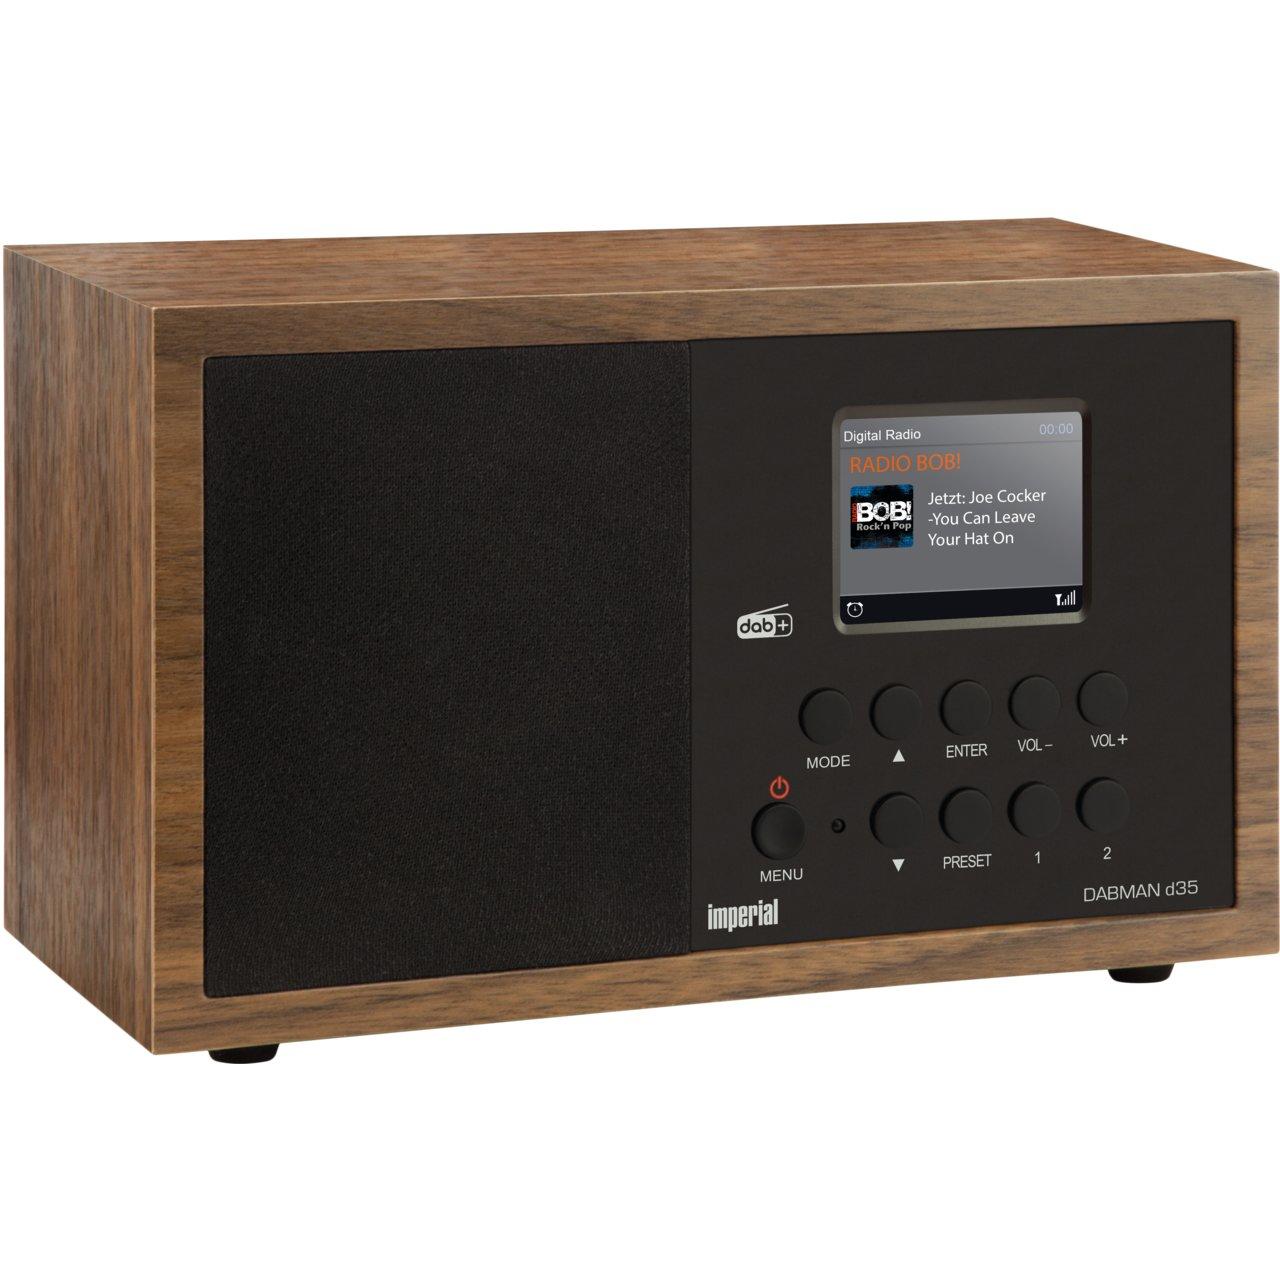 Digitalradios im Angebot: z.B. Imperial DABMAN d35 (DAB+ & UKW, Farbdisplay, Wecker, 5W)